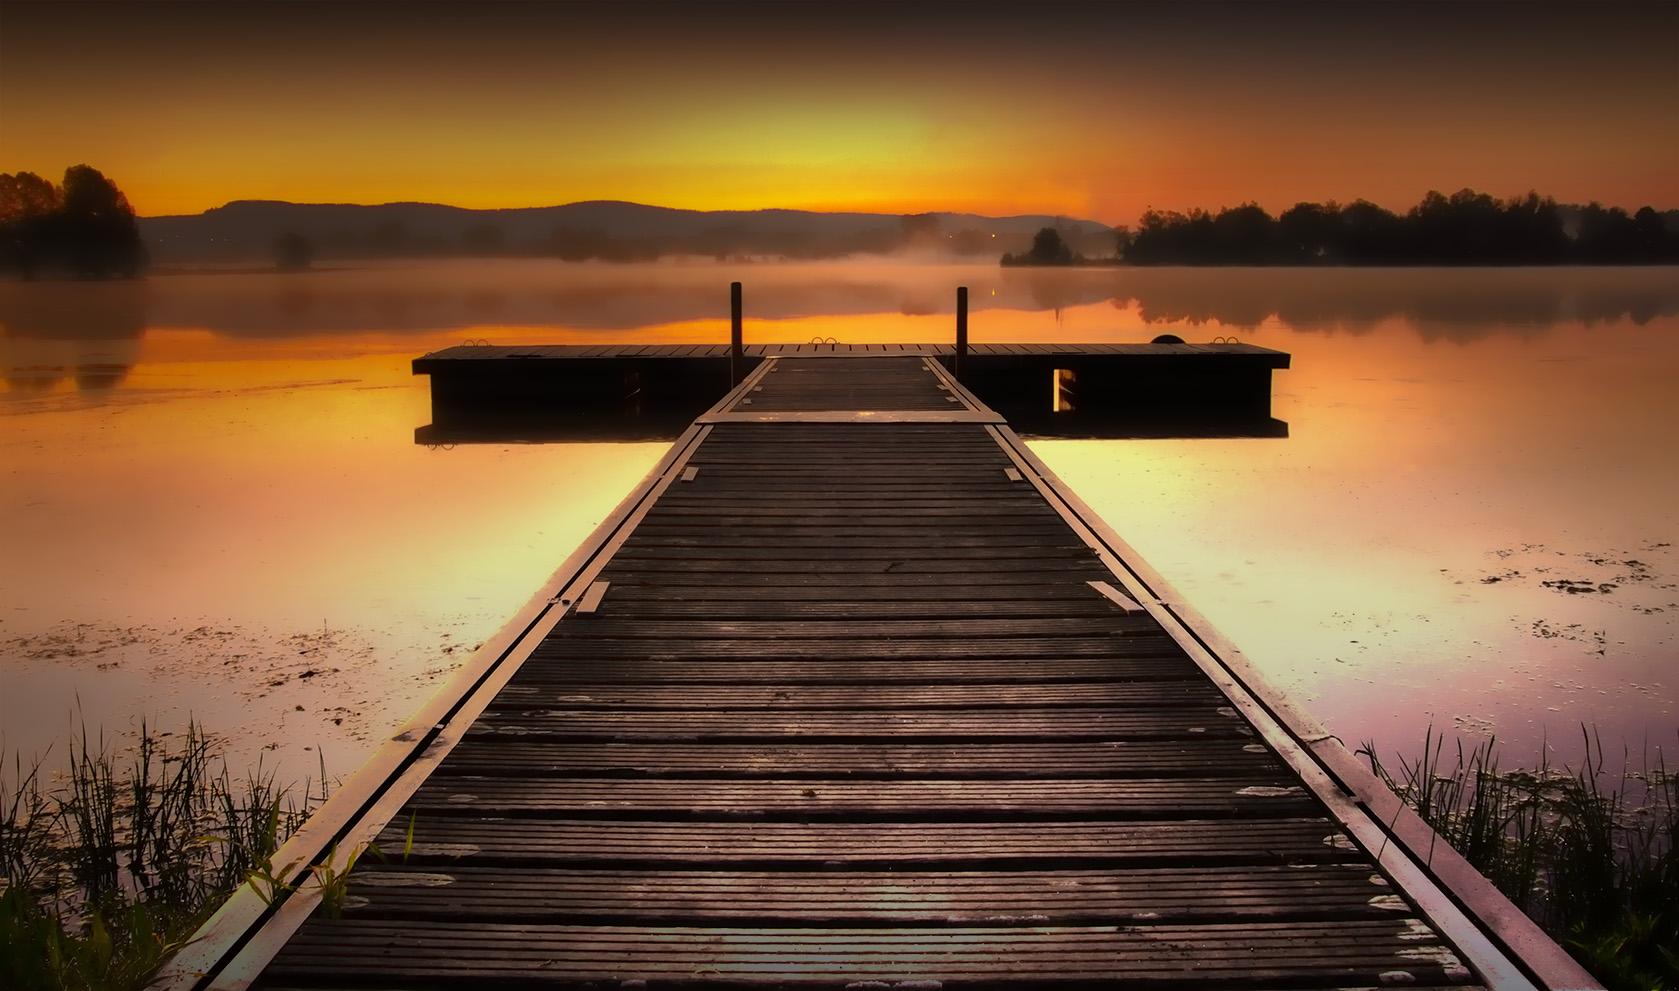 Steg im Morgengrauen